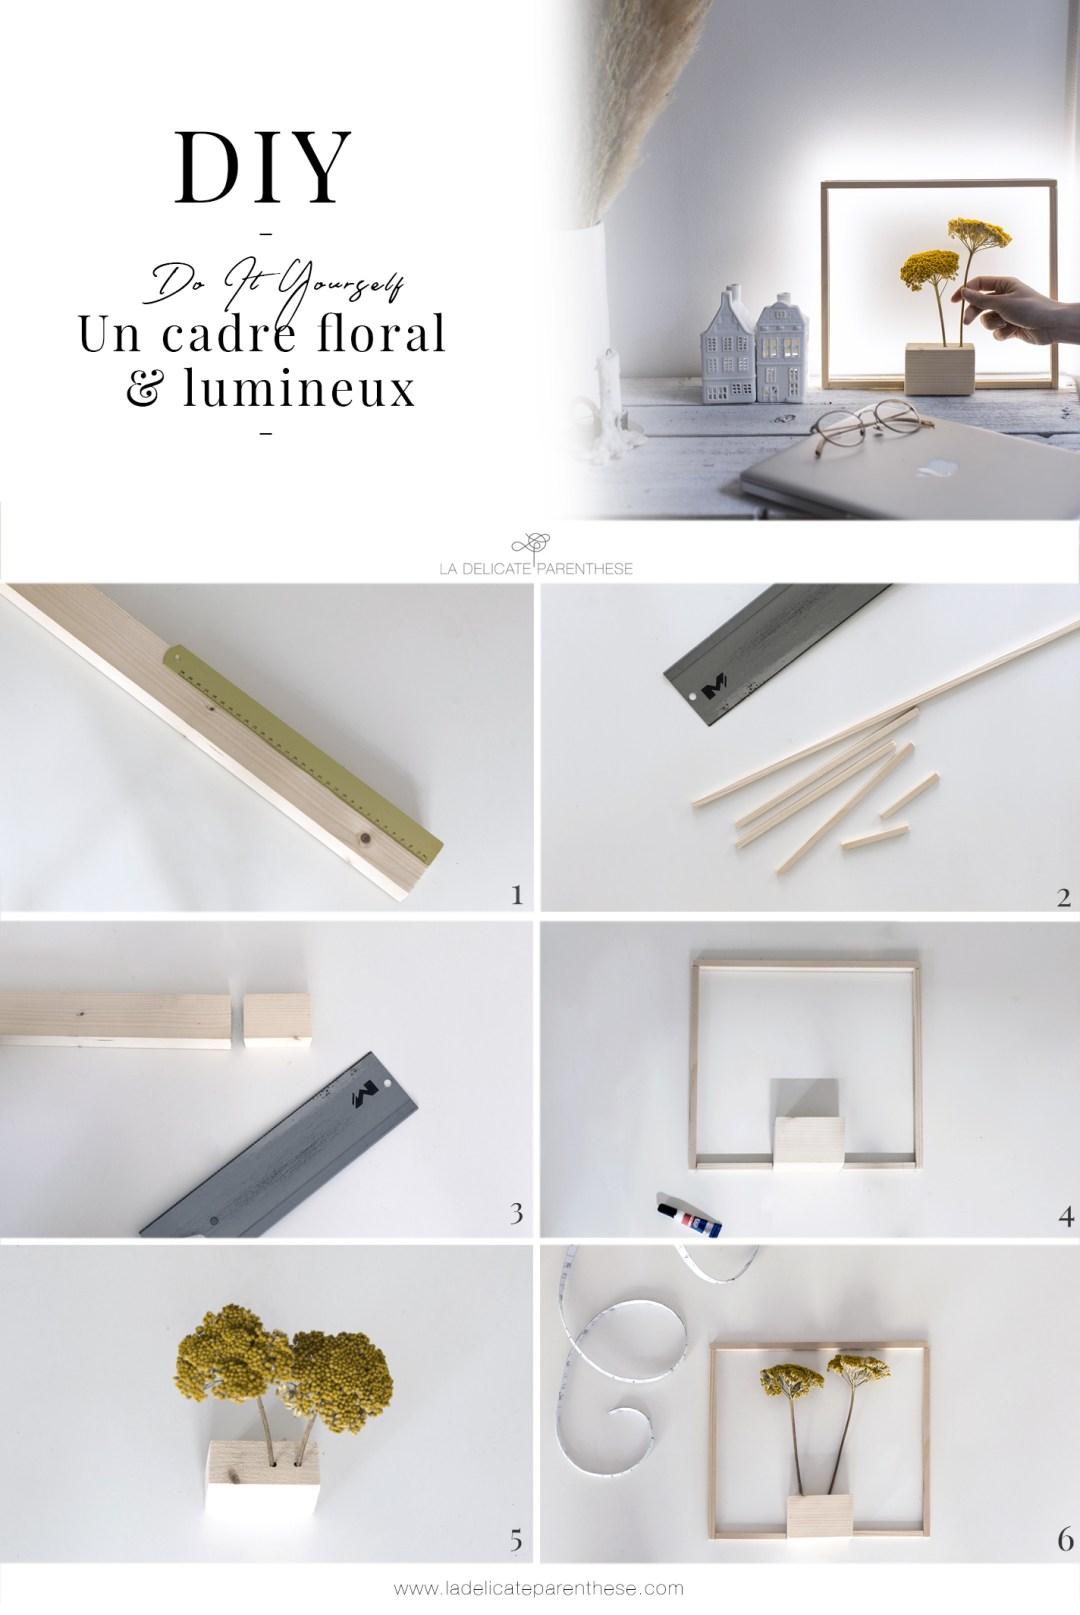 pas à pas DIY création d'un cadre floral & lumineux